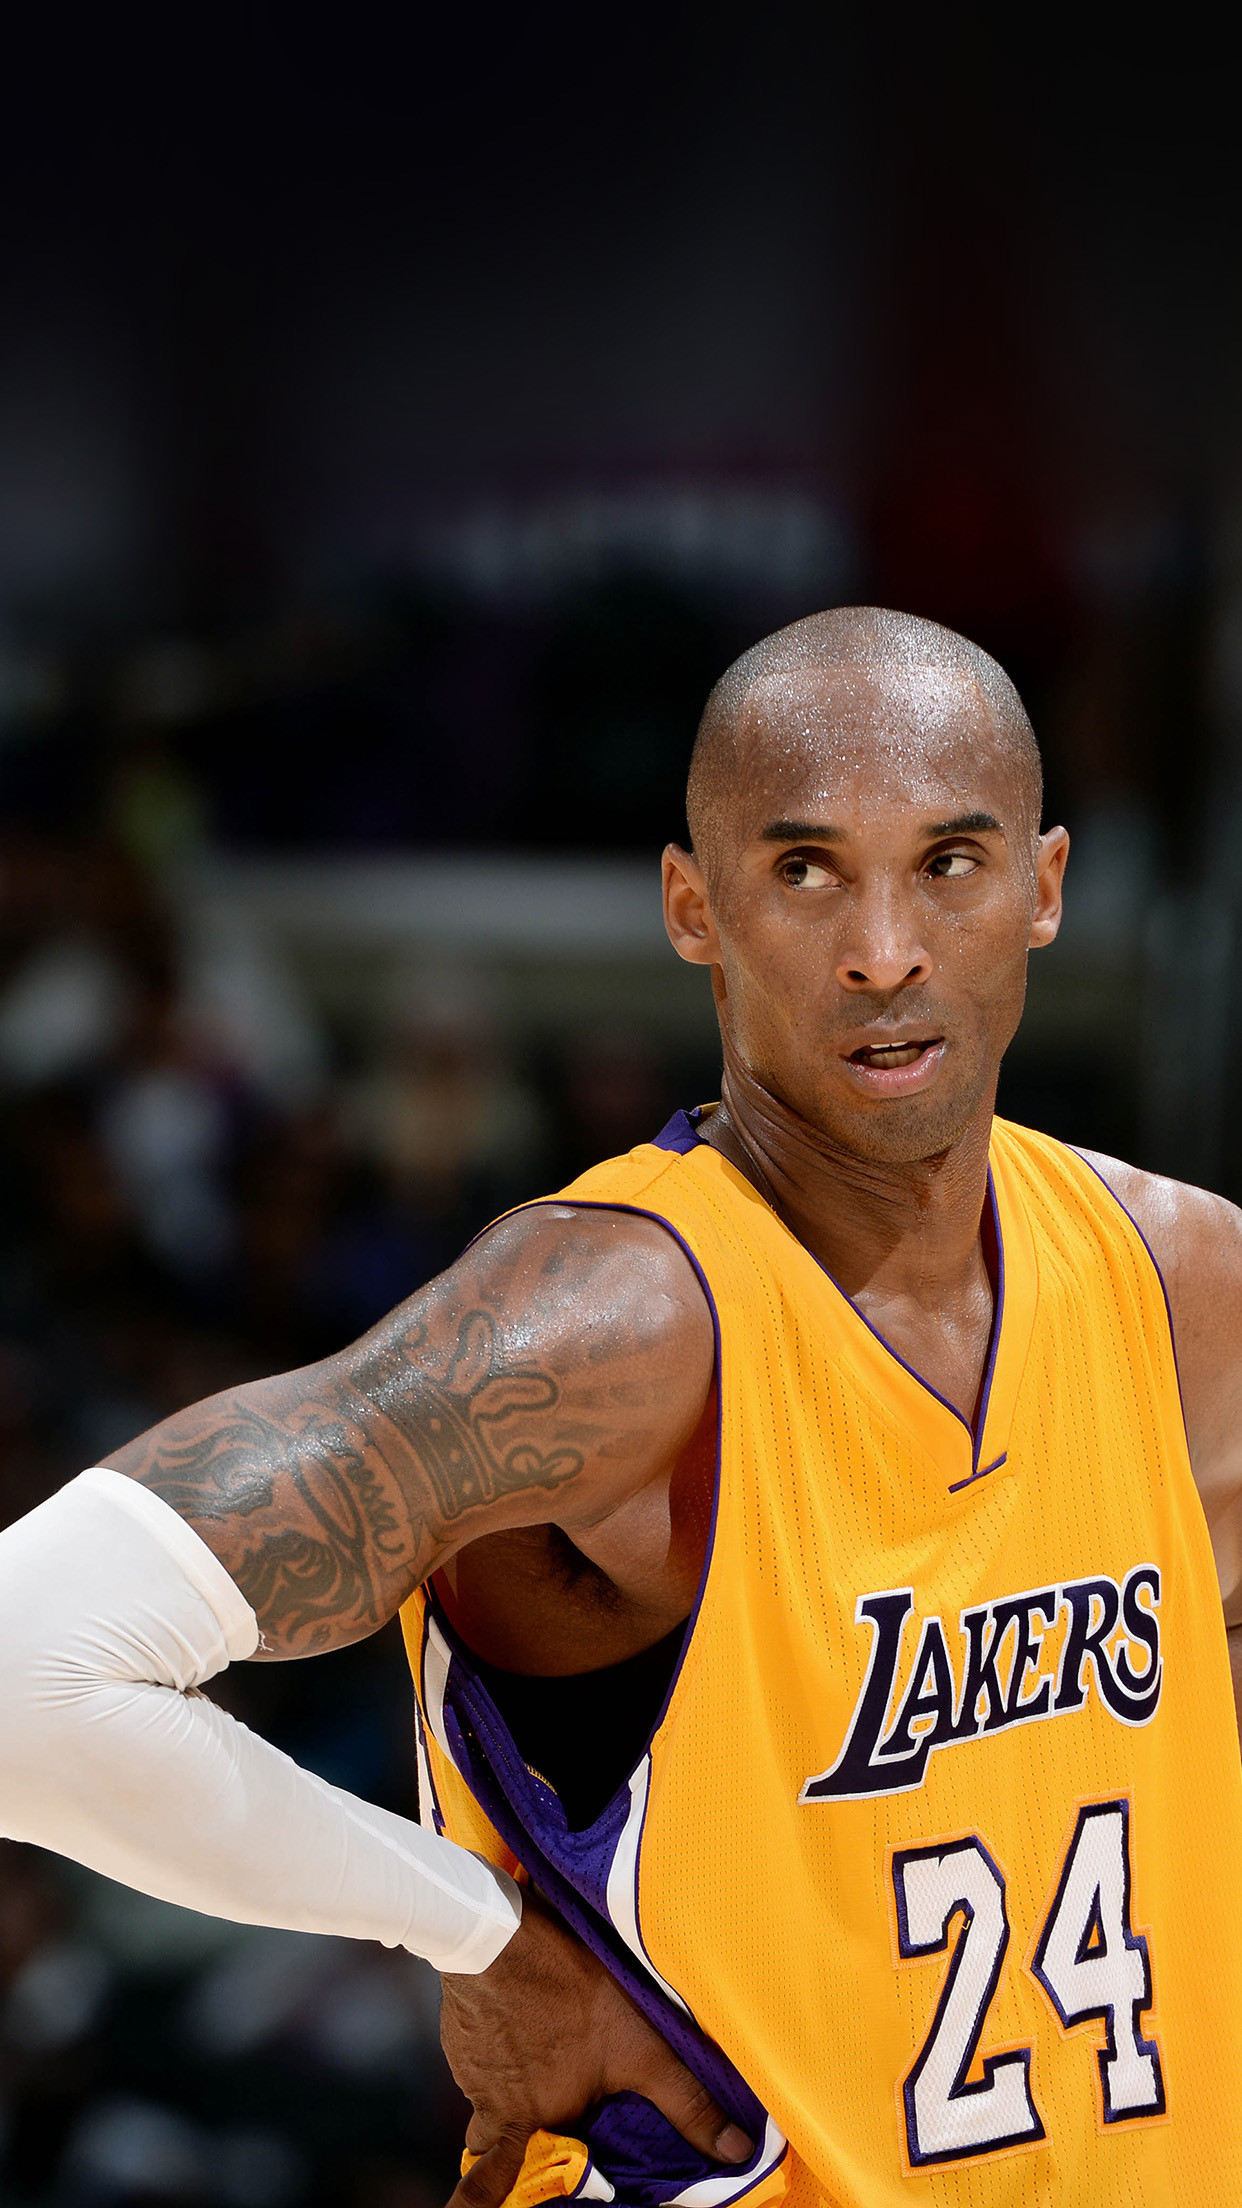 Lakers Kobe Bryant NBA Basketball Star Android Wallpaper …